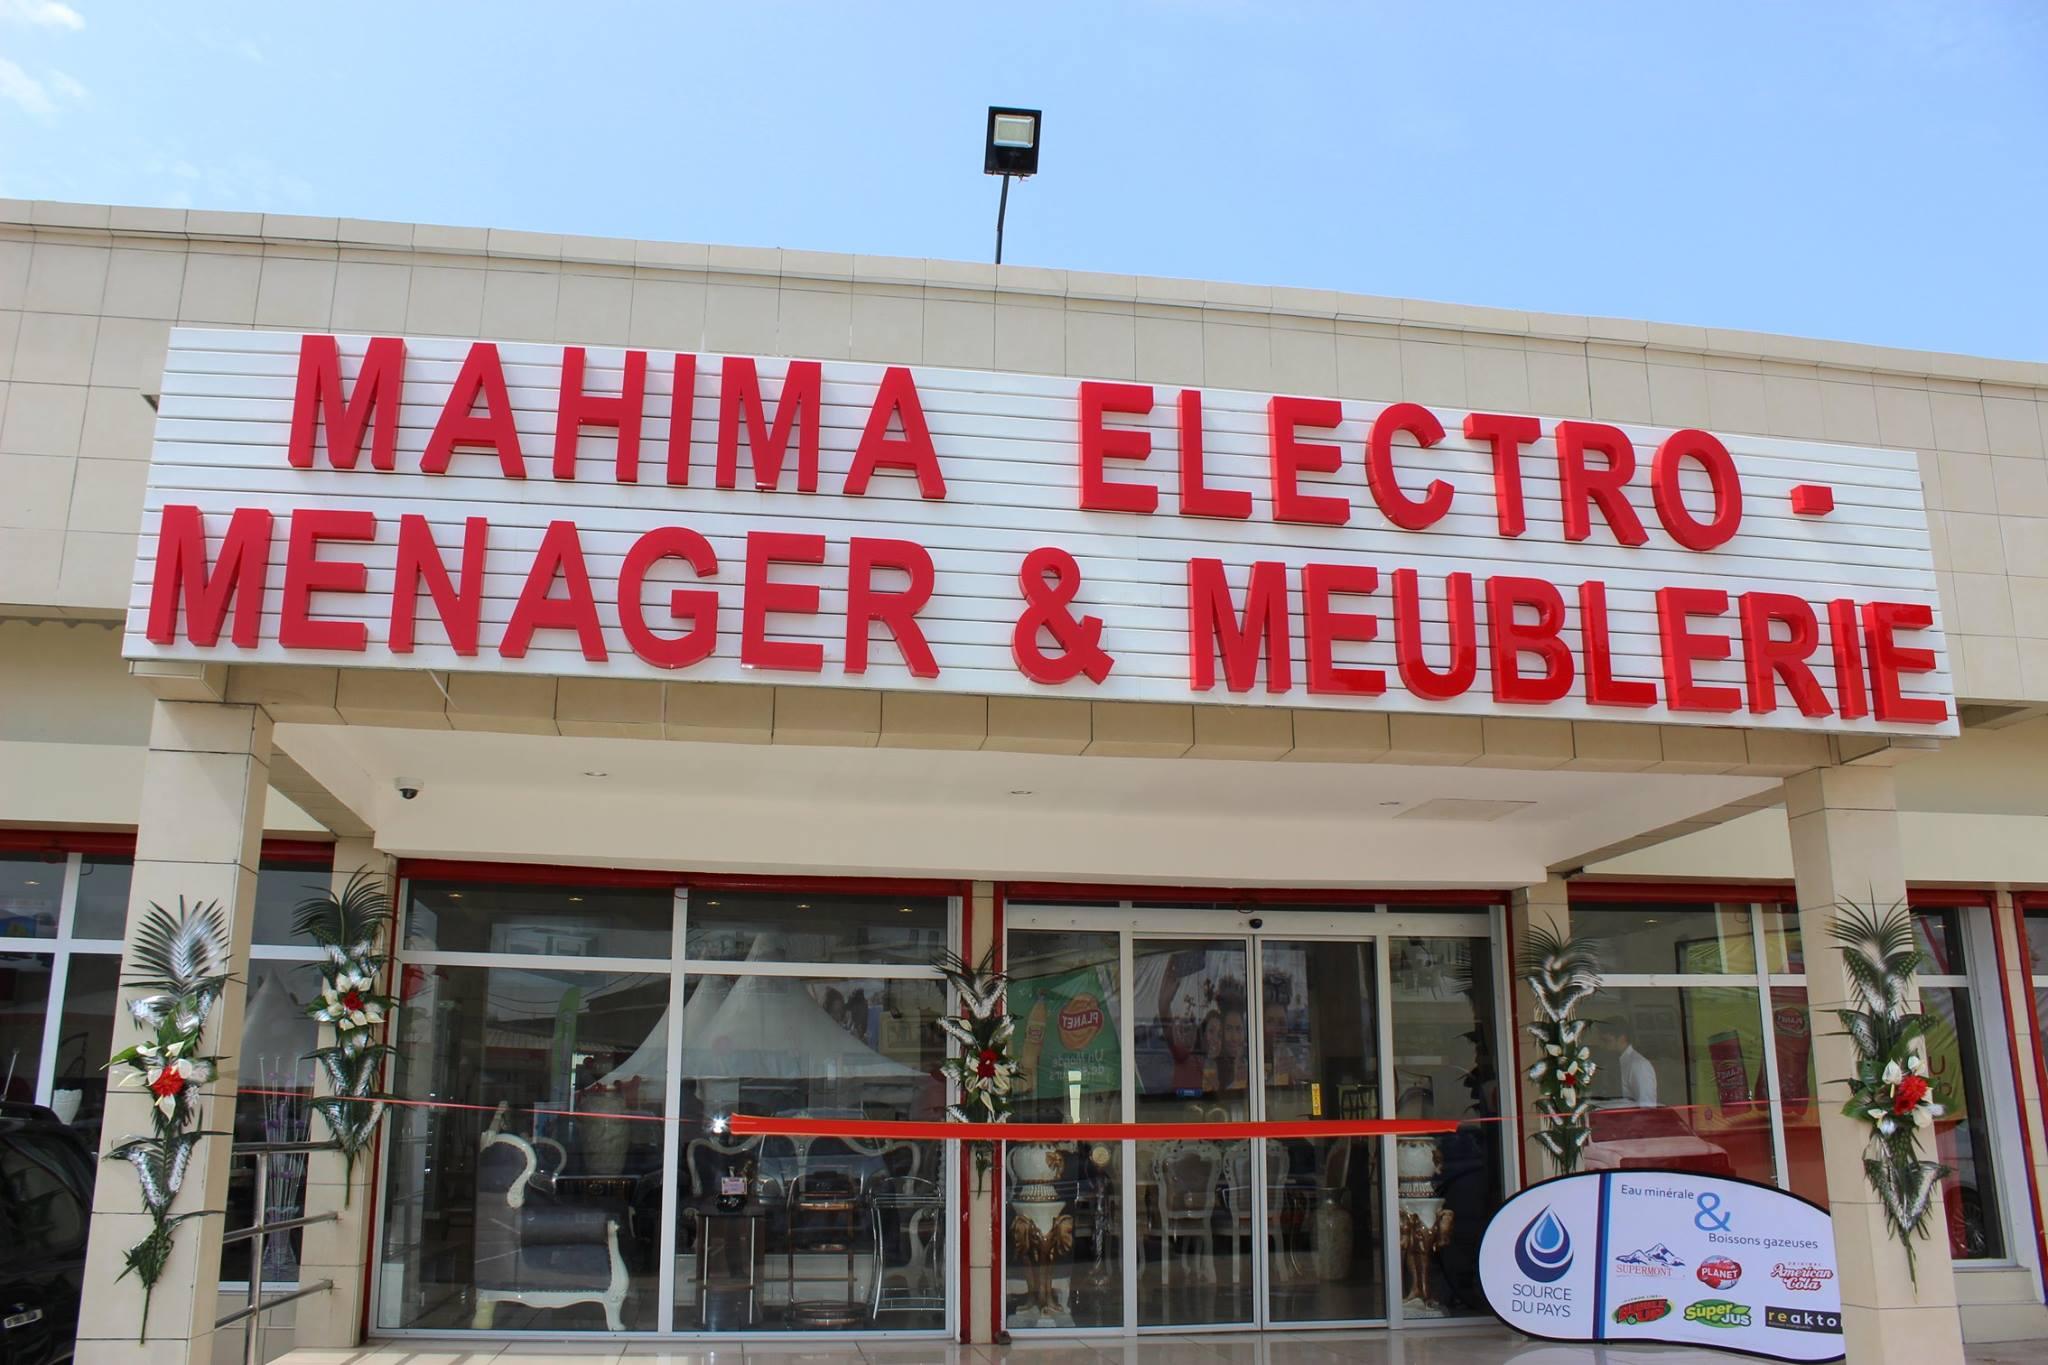 La lutte contre la vie chère constitue la marque de fabrique du groupe Mahima.